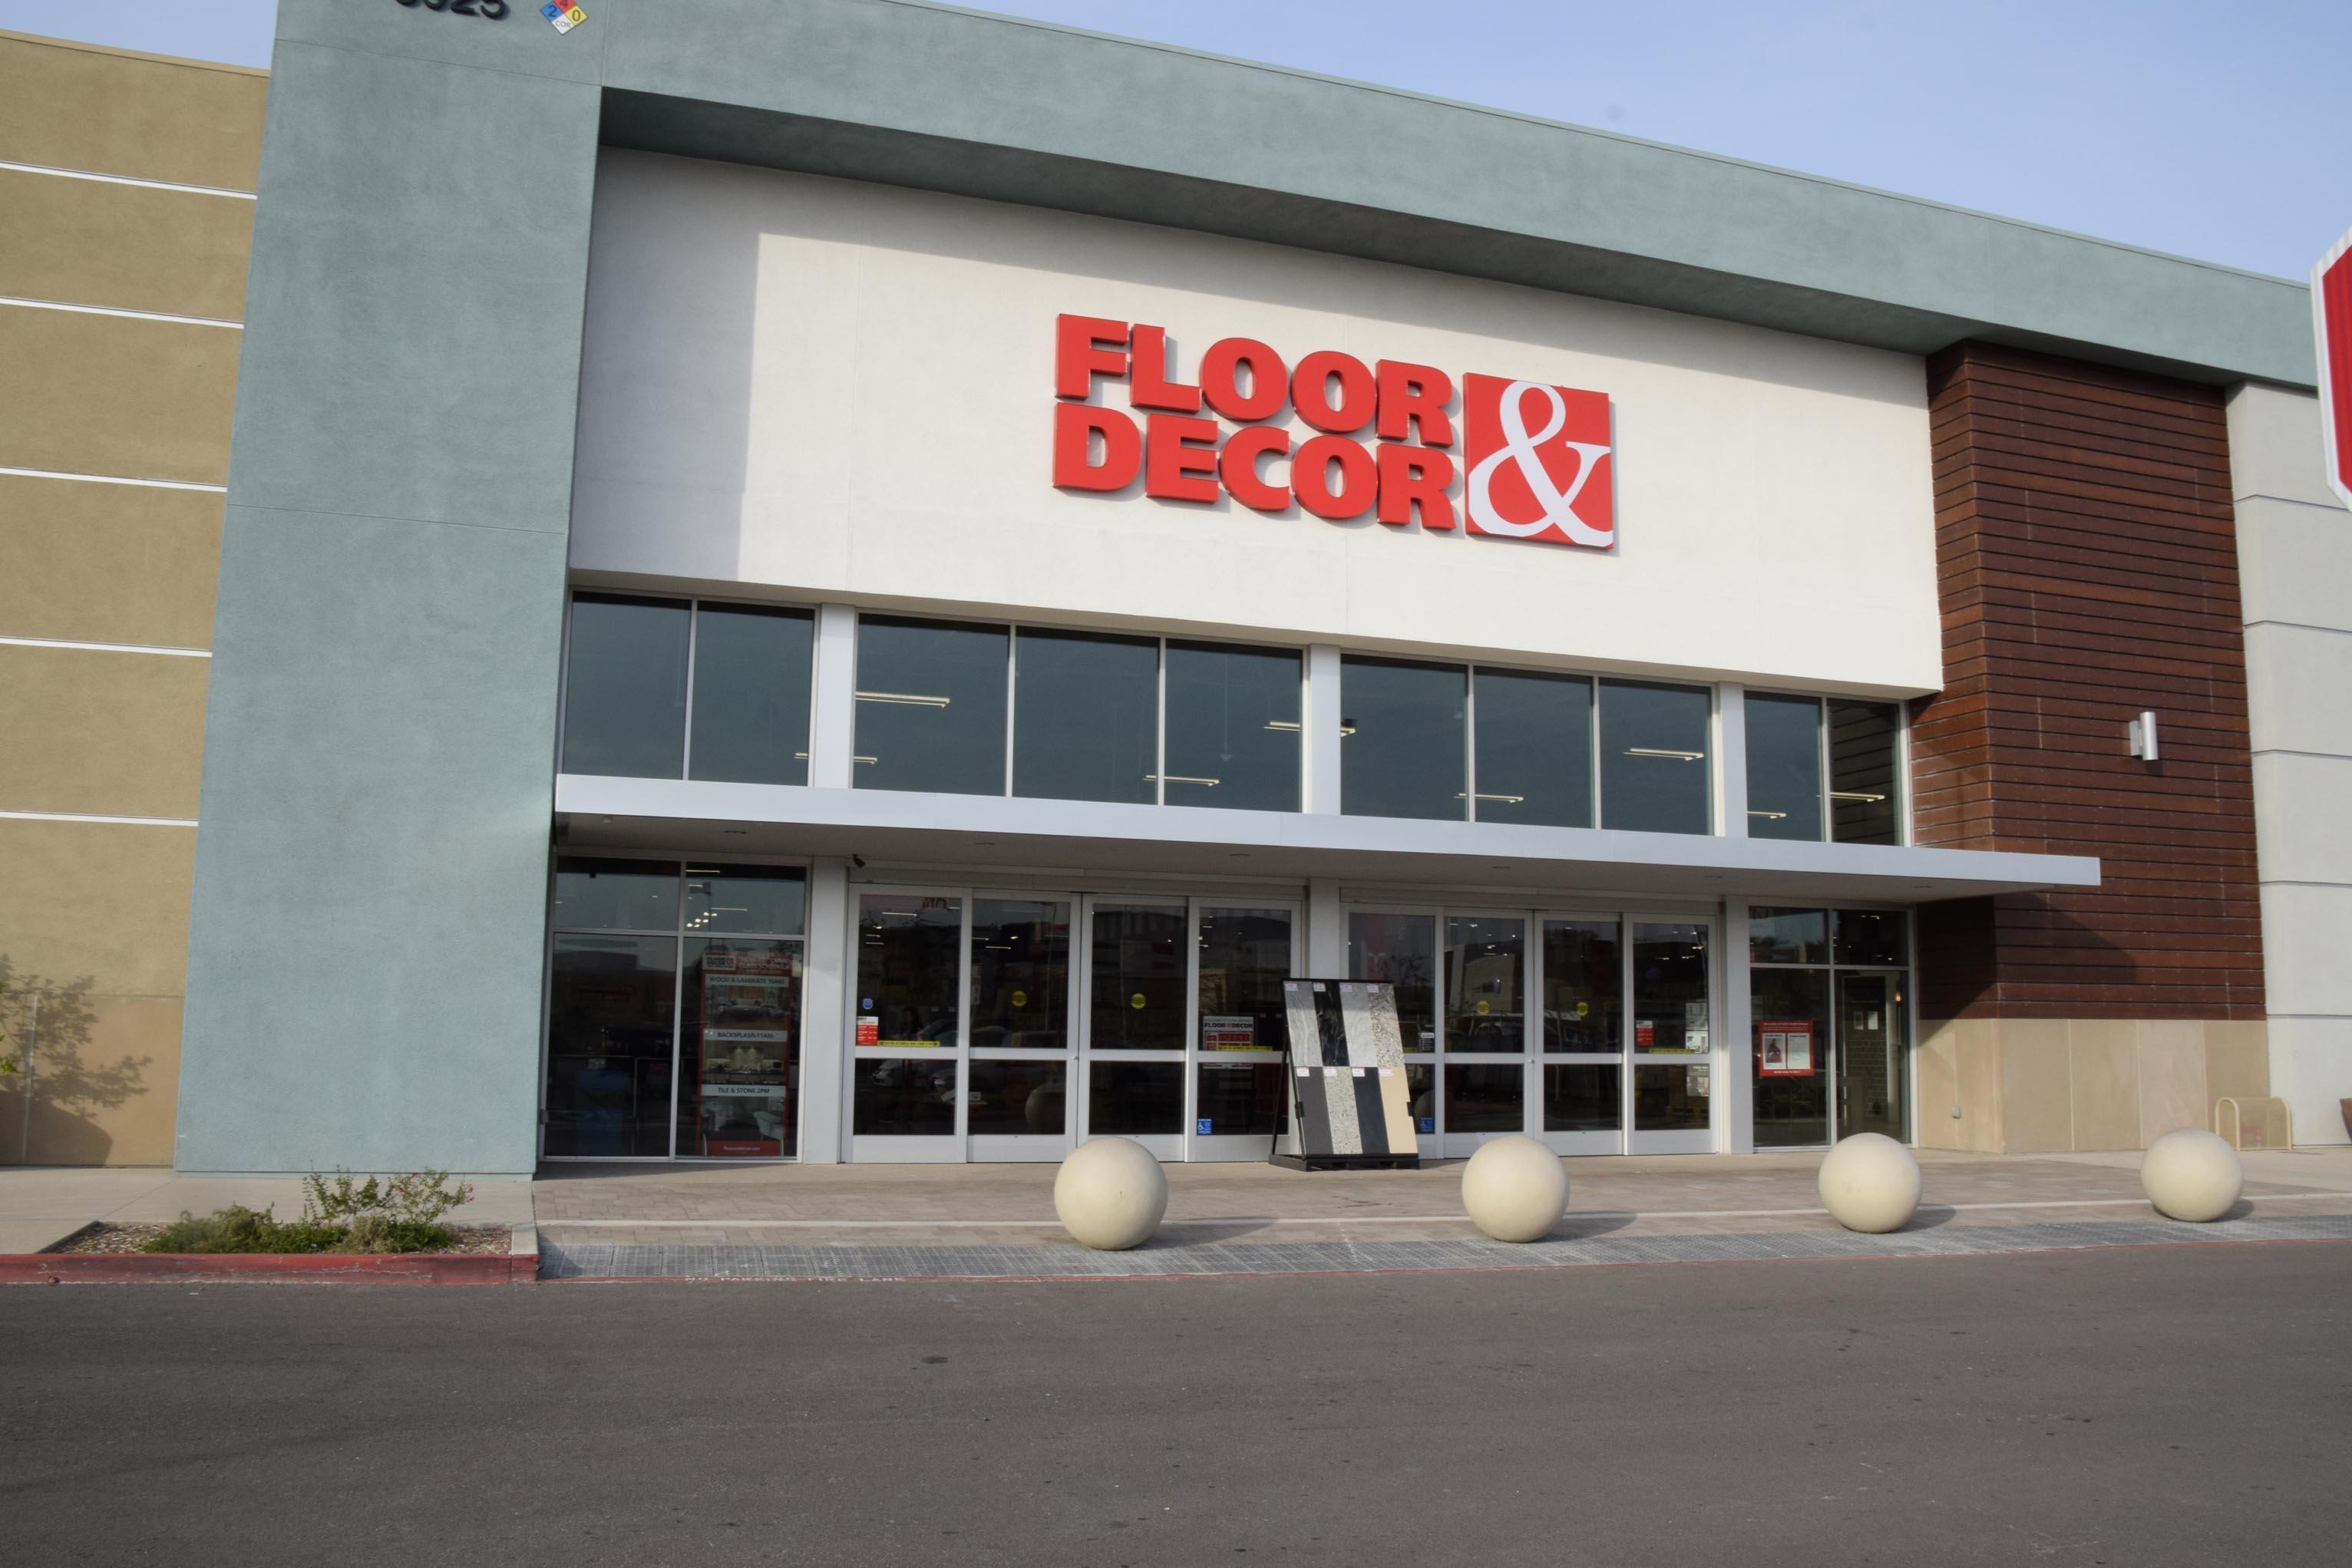 Floor & Decor image 57